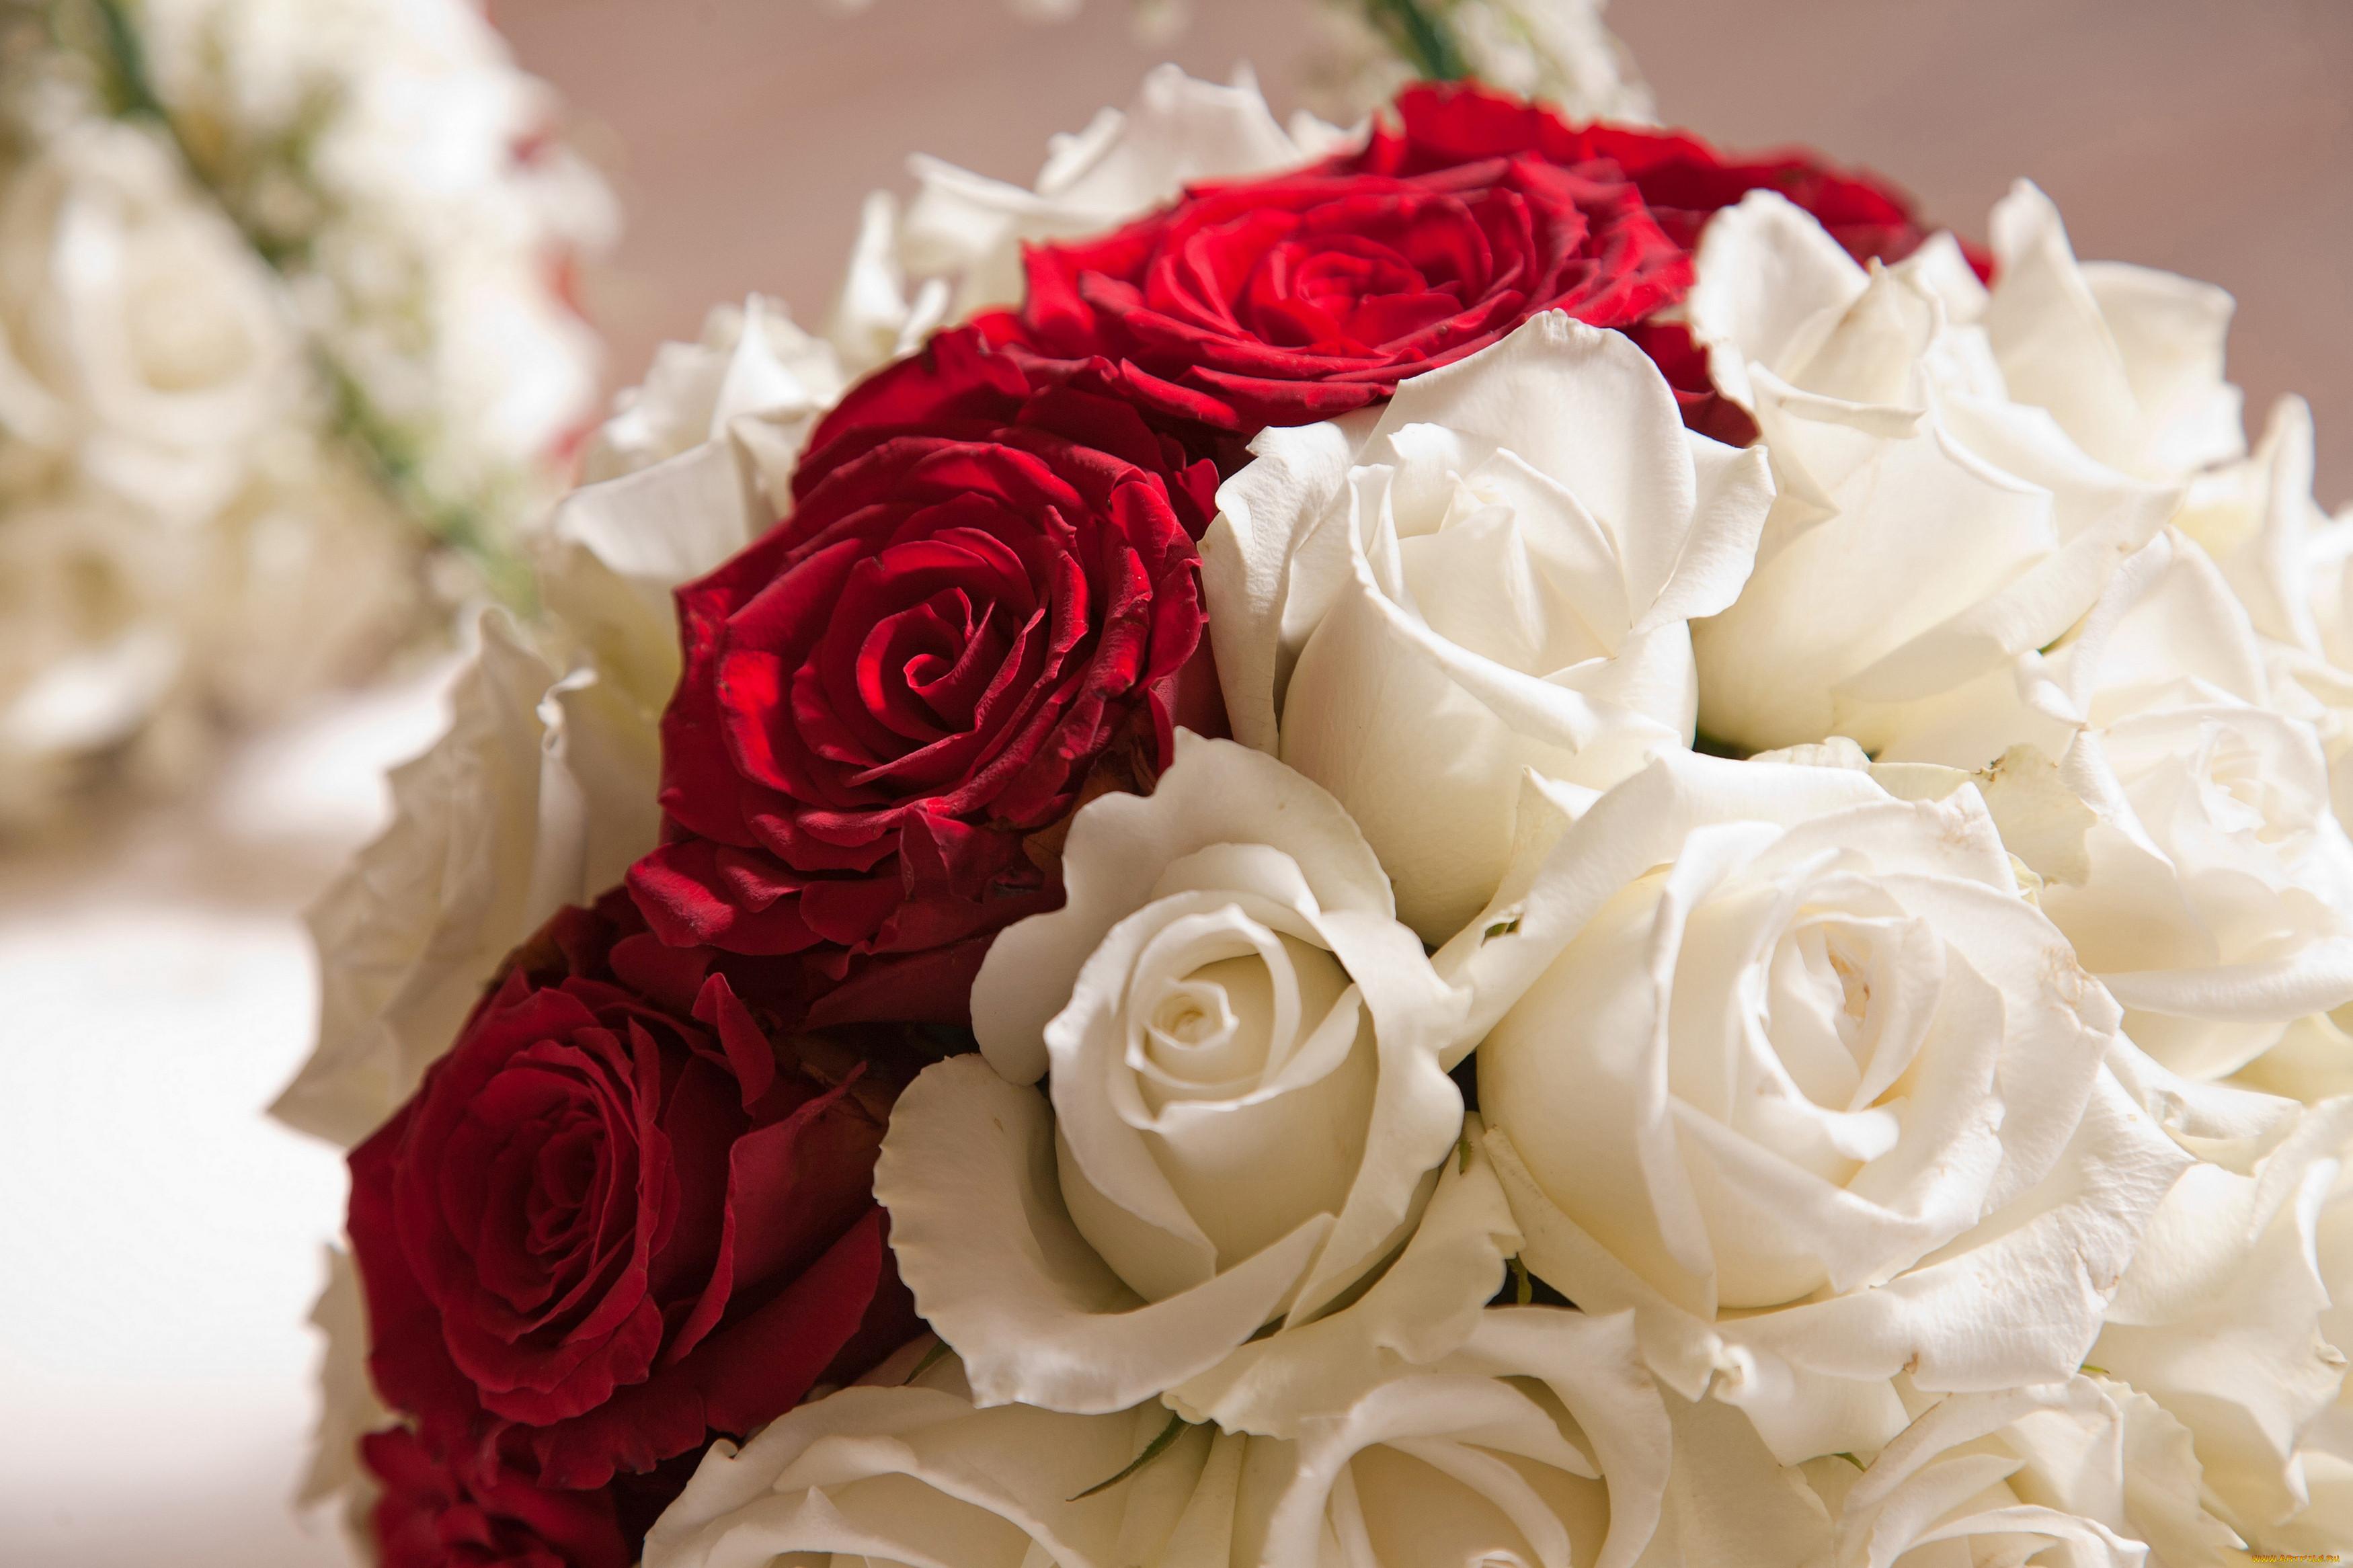 смотреть красивые картинки букетов роз знать